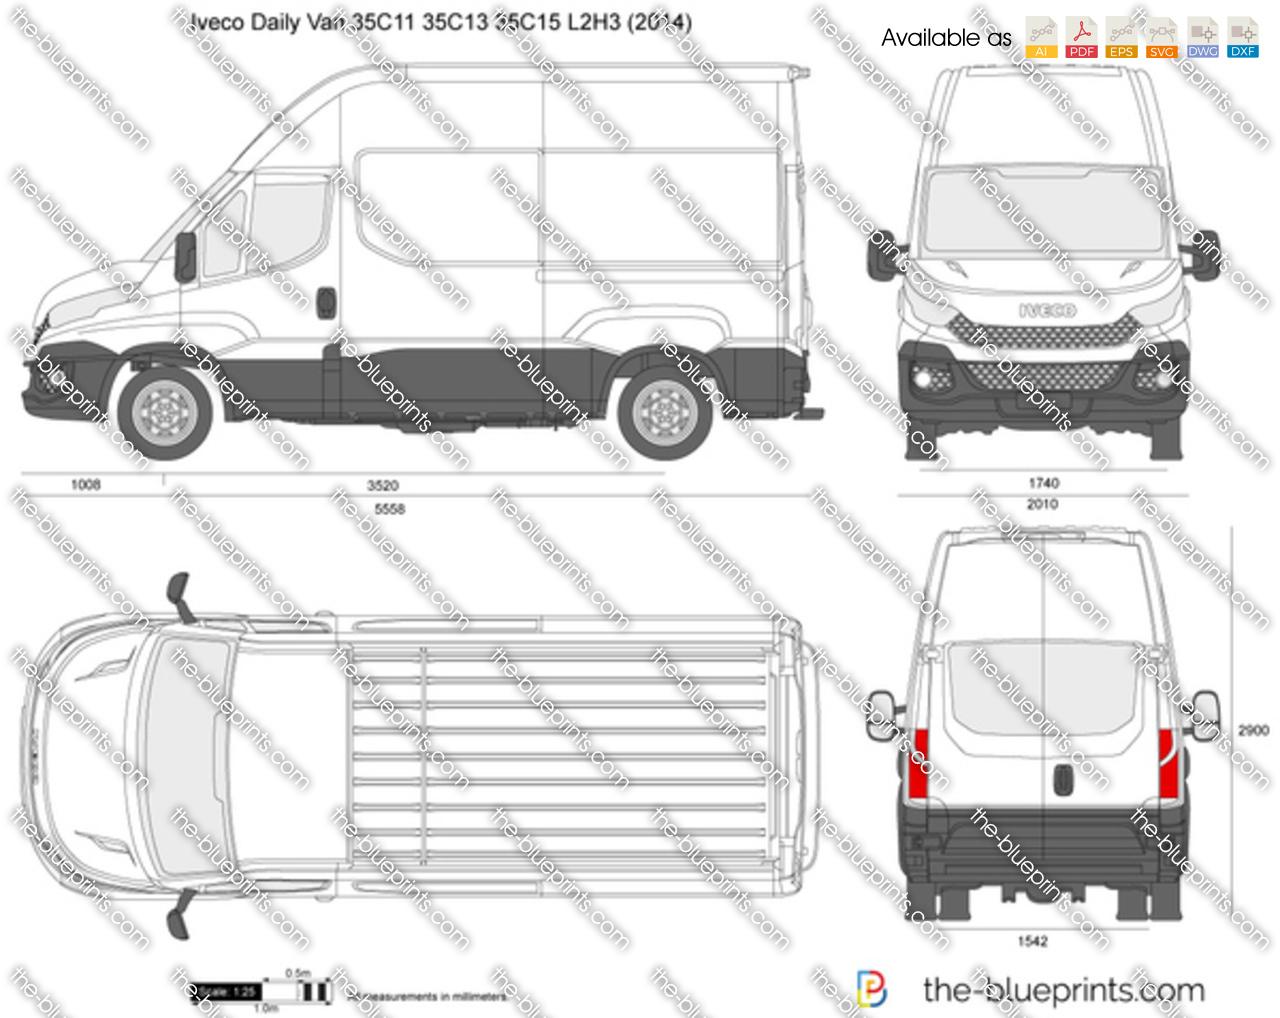 Iveco Daily Van 35C11 35C13 35C15 L2H3